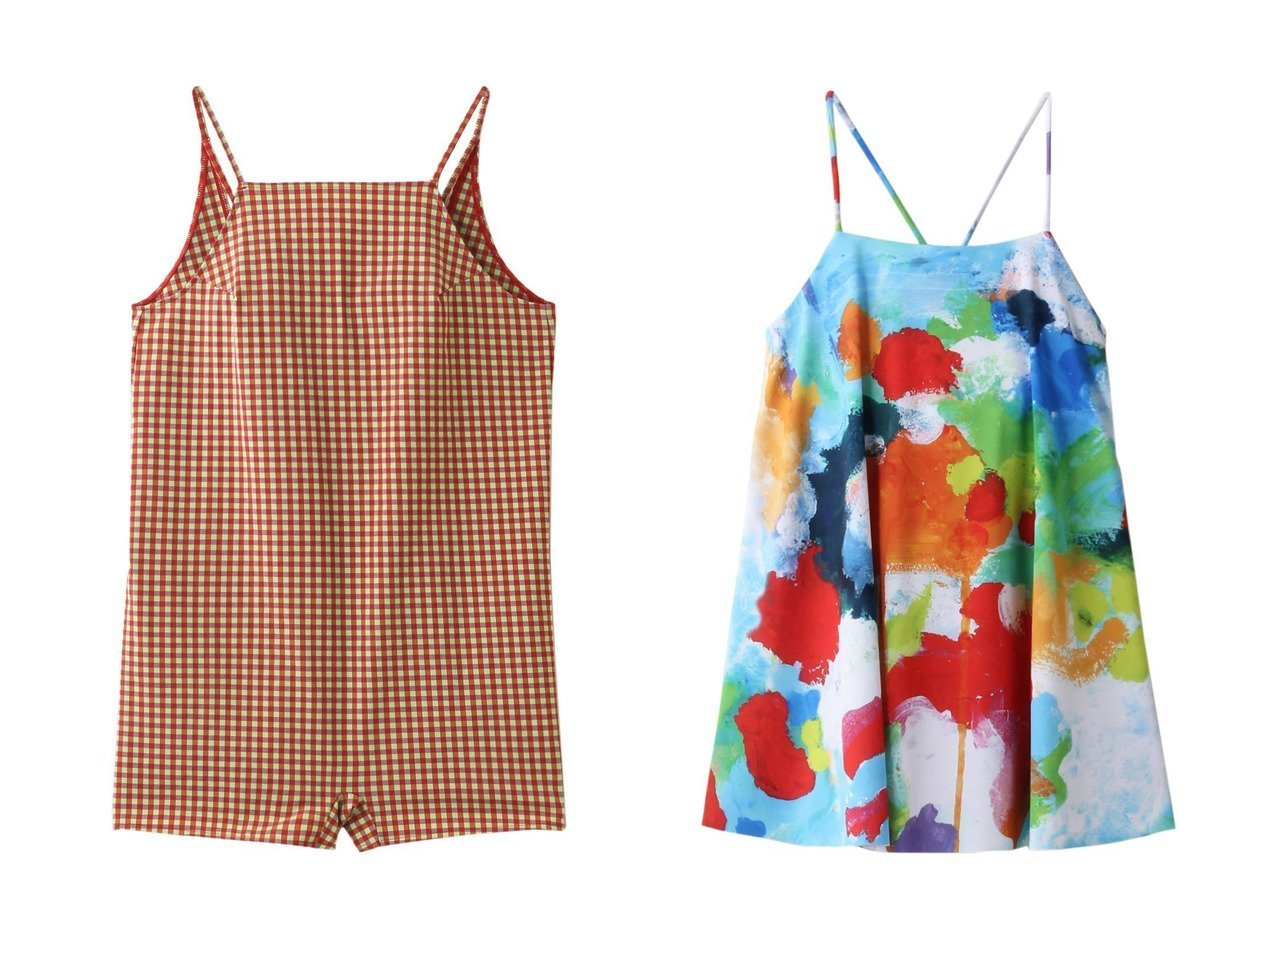 【nagonstans/ナゴンスタンス】のBoiling Sun バッククロスフレア トップ スイムウェア/水着&TIANAギンガムCHECK キャミオールインワン/スイムウェア・水着 【水着】おすすめ!人気、トレンド・レディースファッションの通販 おすすめで人気の流行・トレンド、ファッションの通販商品 メンズファッション・キッズファッション・インテリア・家具・レディースファッション・服の通販 founy(ファニー) https://founy.com/ ファッション Fashion レディースファッション WOMEN 水着 Swimwear 水着 Swimwear おすすめ Recommend ギンガム ショーツ ショート スポーツ セットアップ チェック ビーチ 水着  ID:crp329100000039455